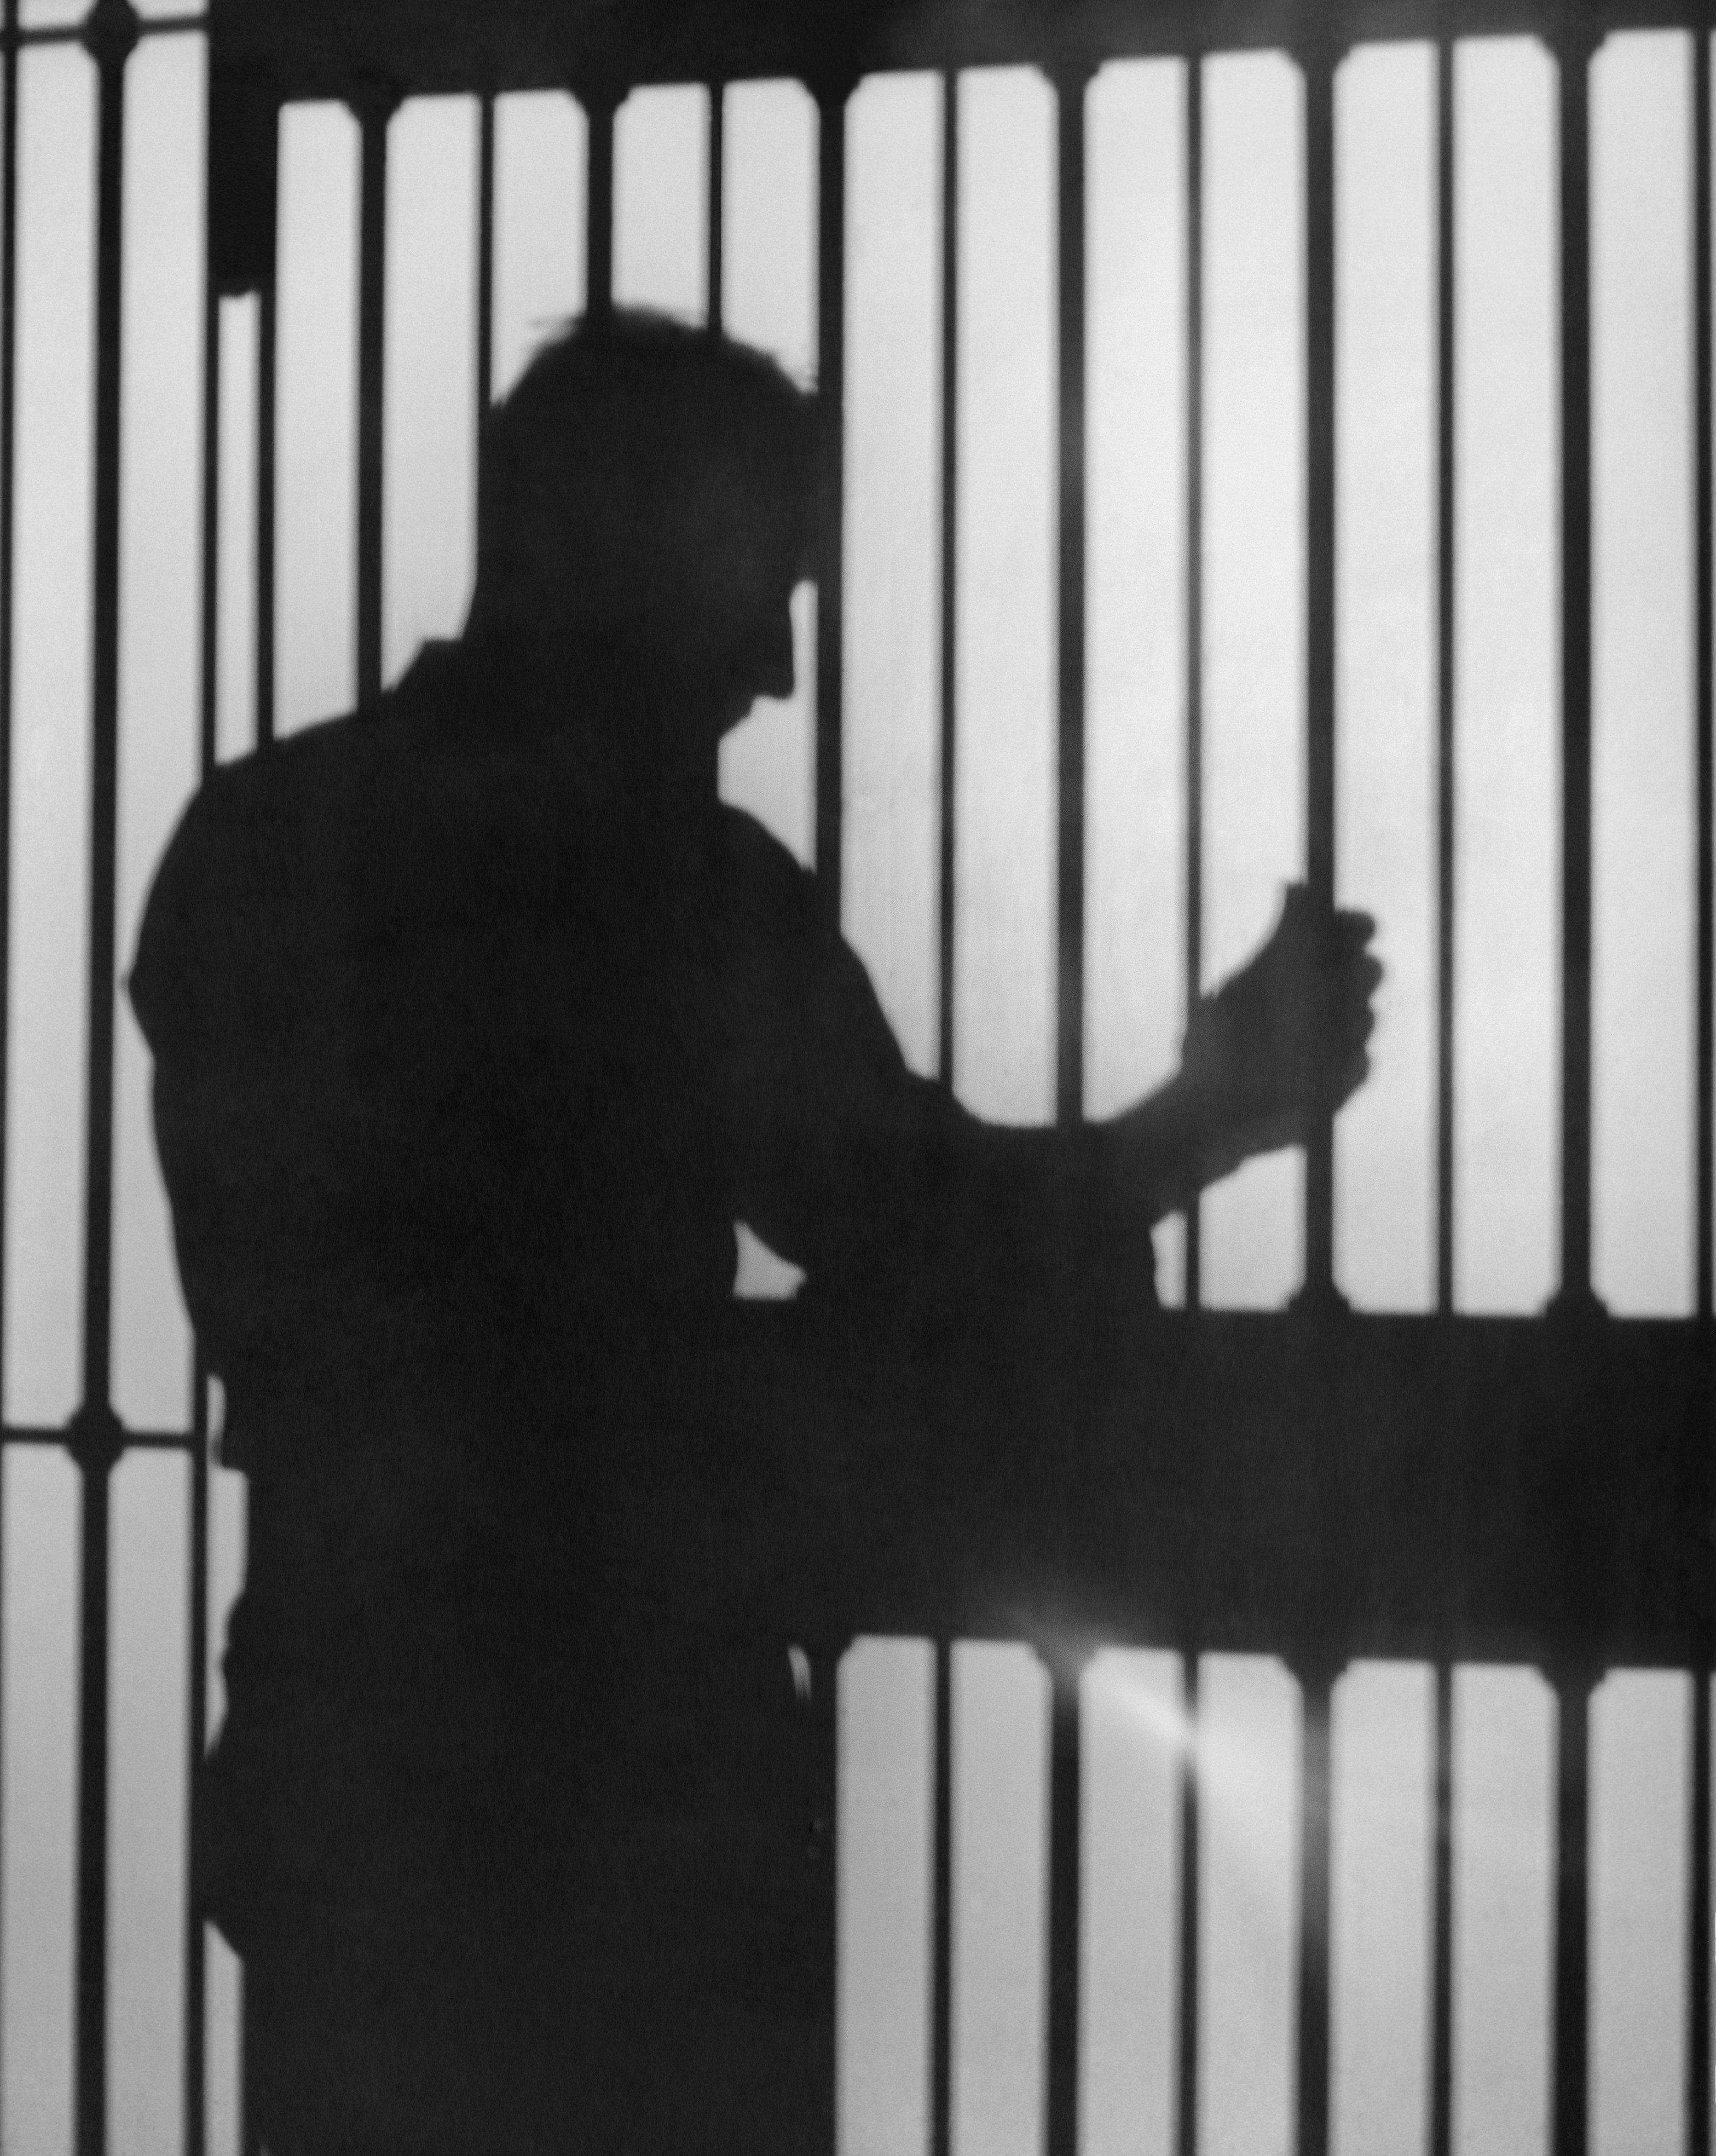 48 χρόνια κάθειρξη στον δάσκαλο που αποπλανούσε μαθήτριες του -Στο πλευρό του πρώην συνάδελφοί